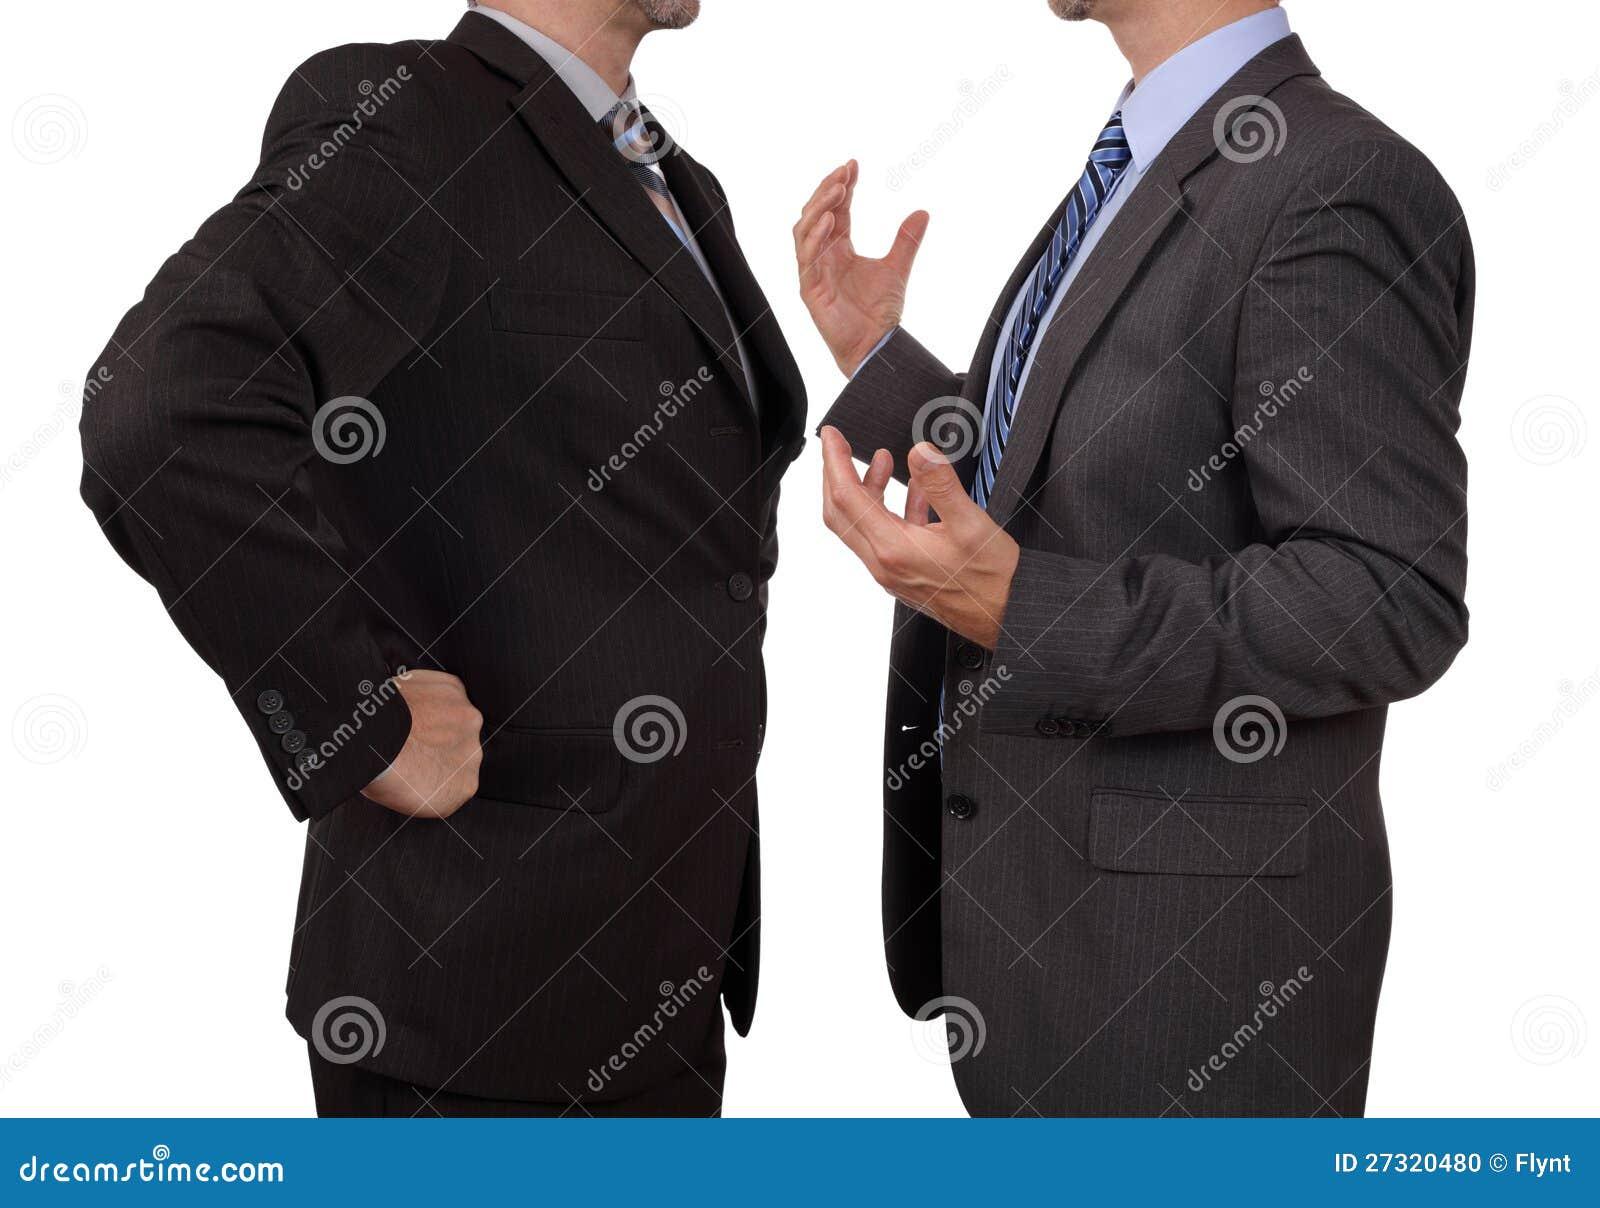 Confrontatie op het werk